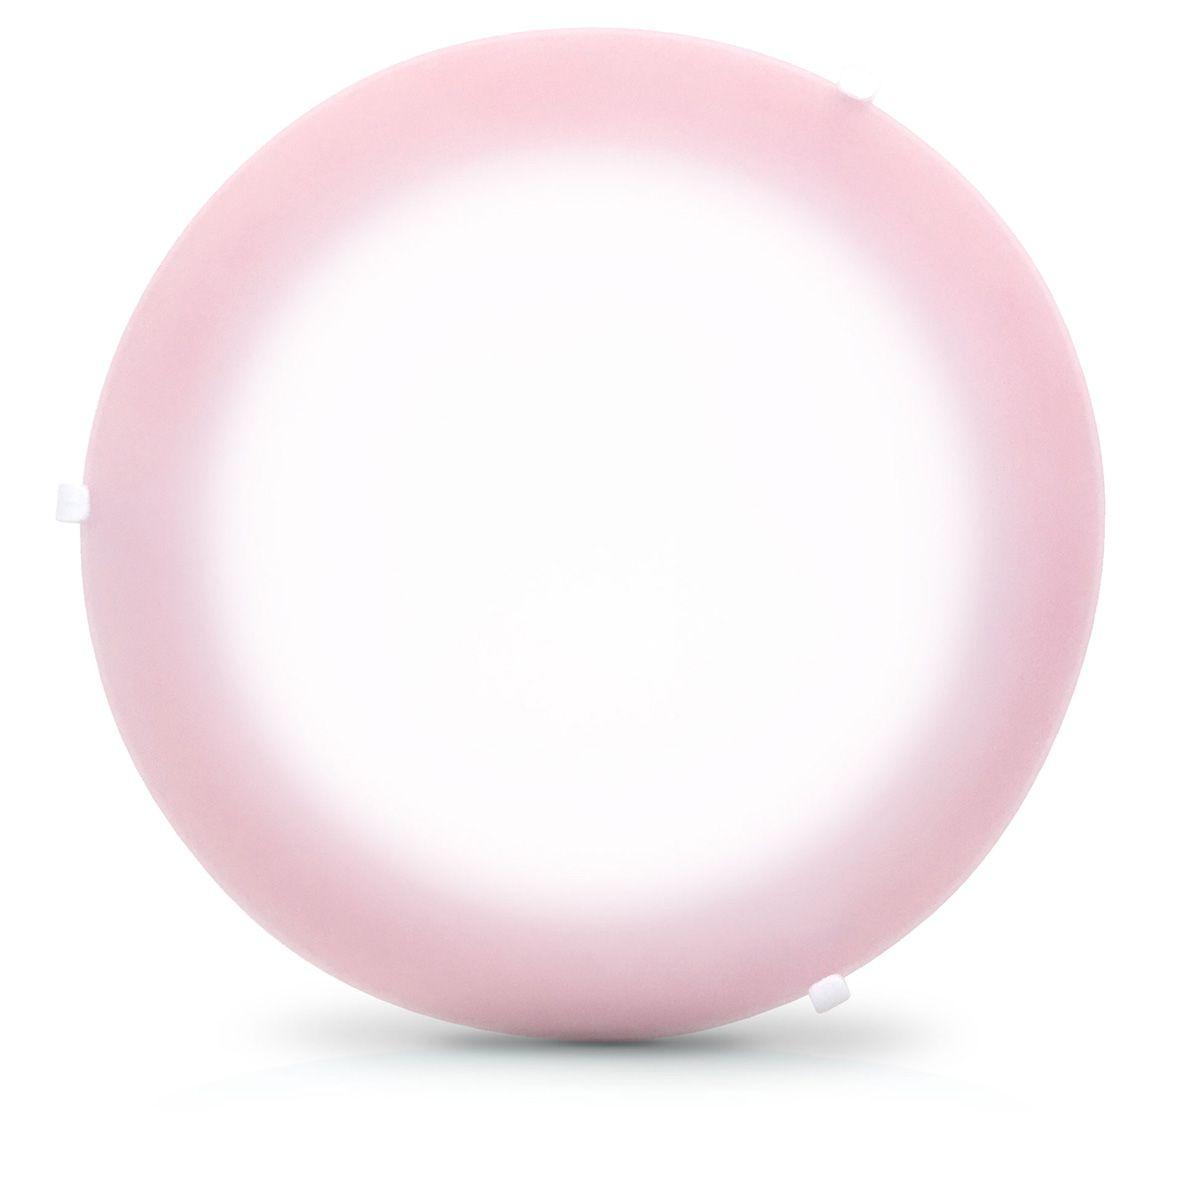 Plafon Pop Colors 25cm Para 1 Lampada Com Soquete E-27 E Vidro Borda Rosa 10 Unidades